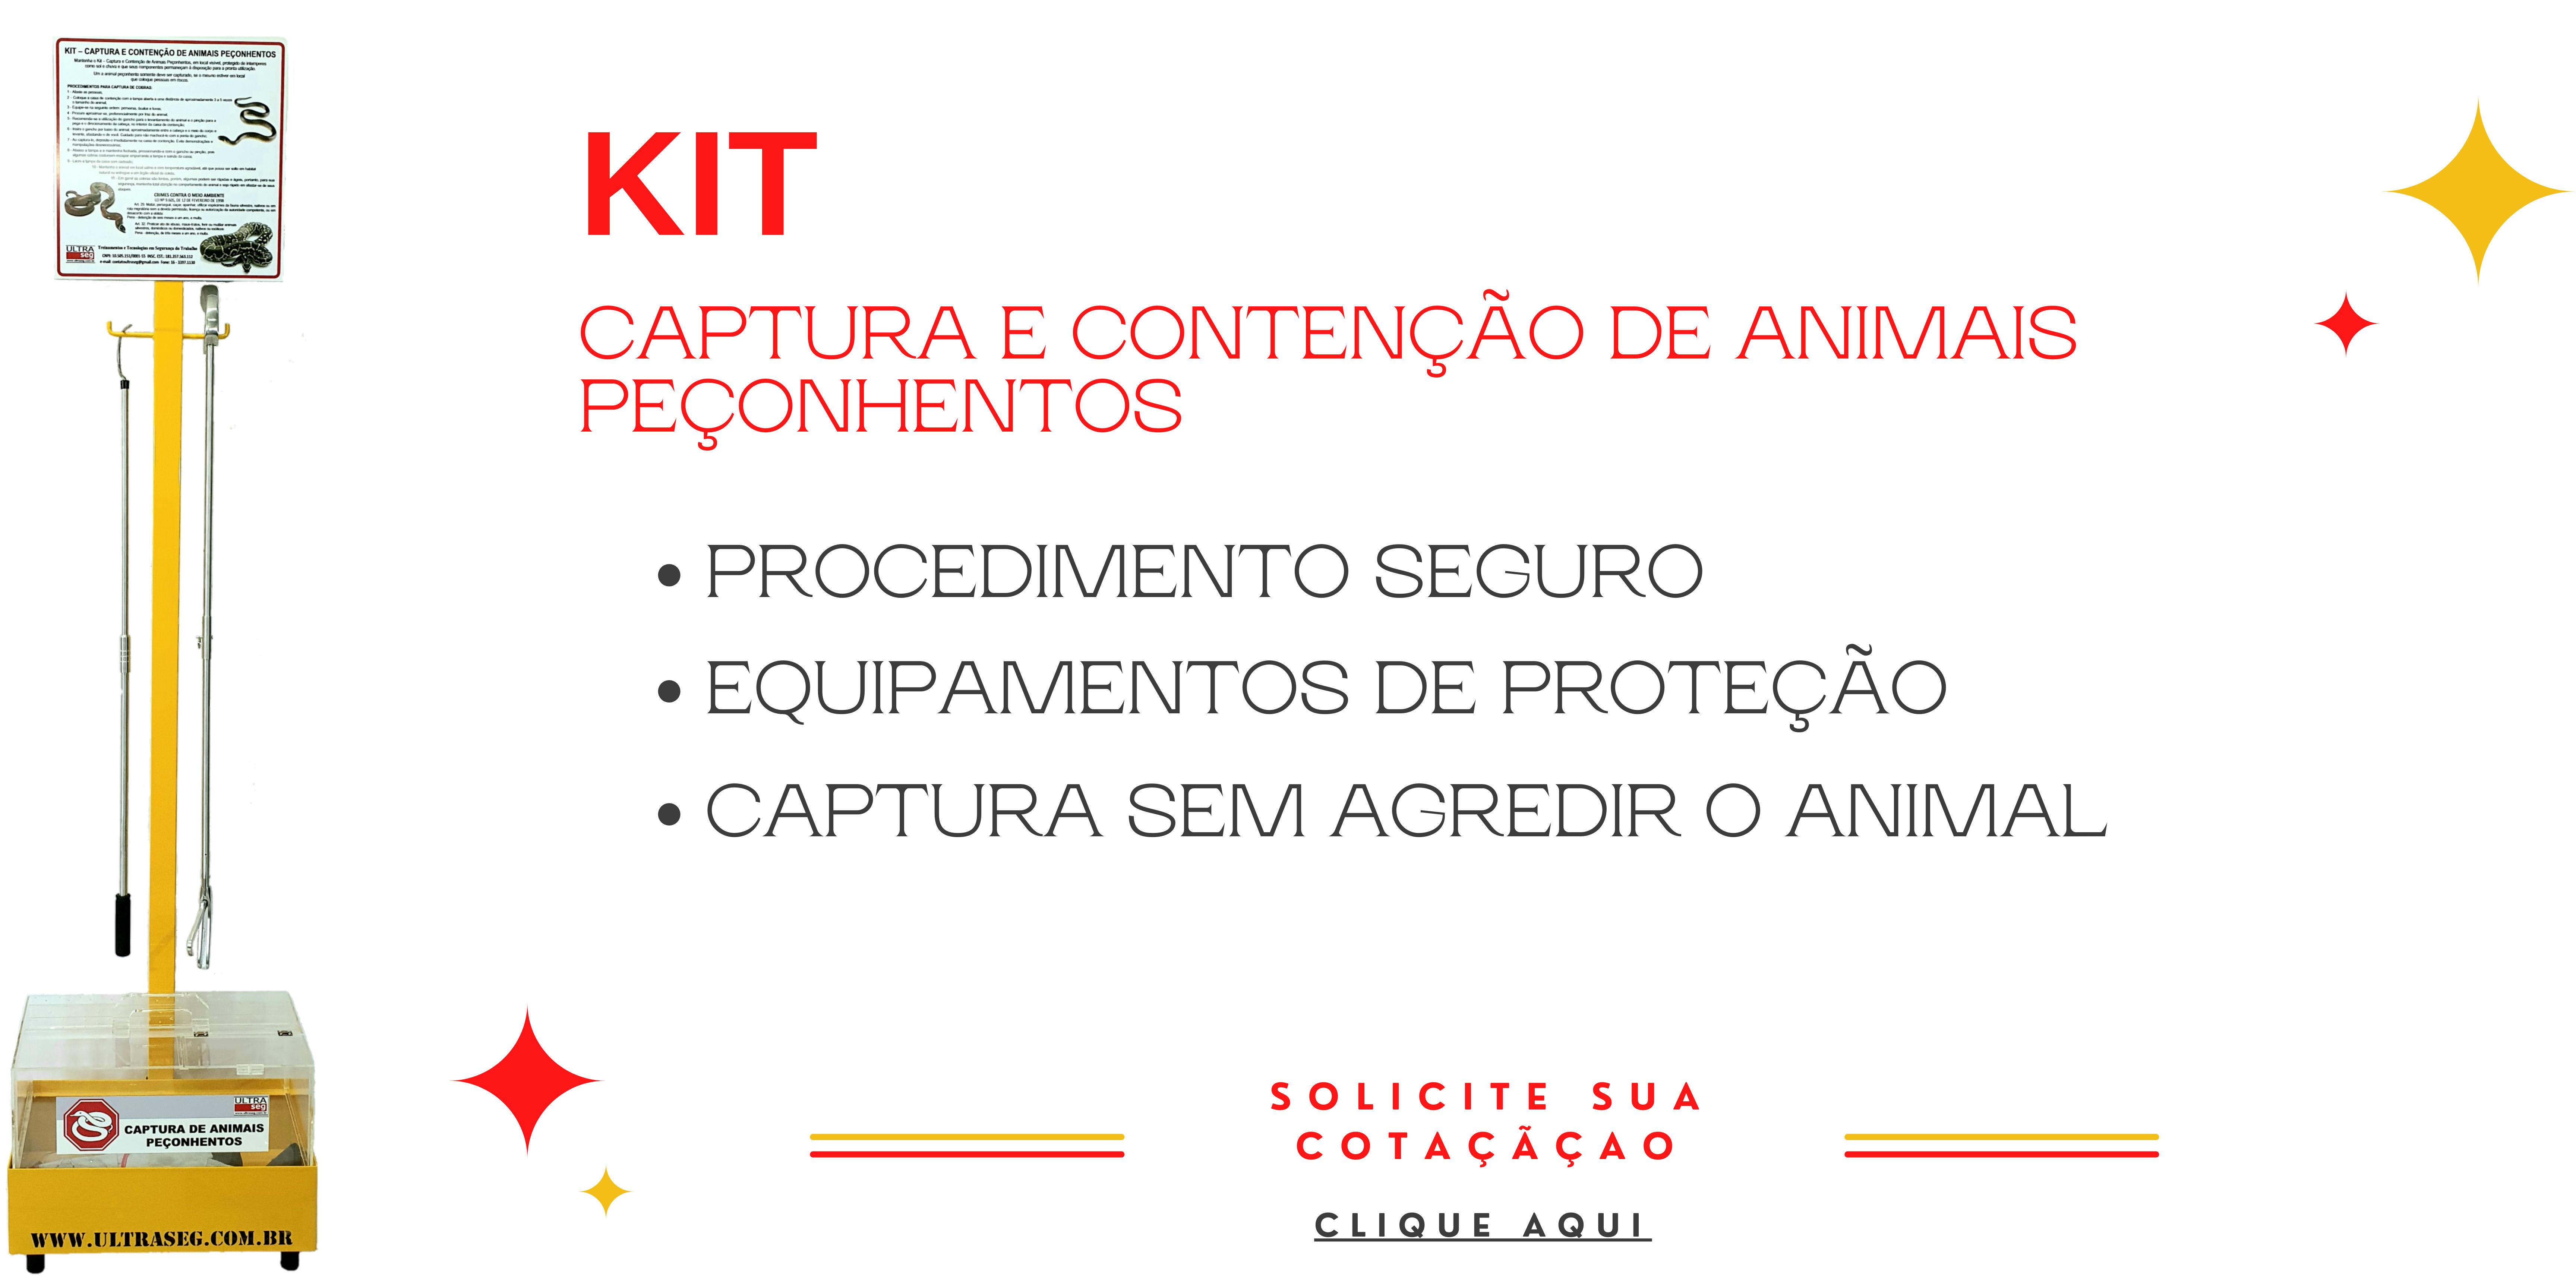 Kit de Captura e Contenção de Animais Peçonhentos